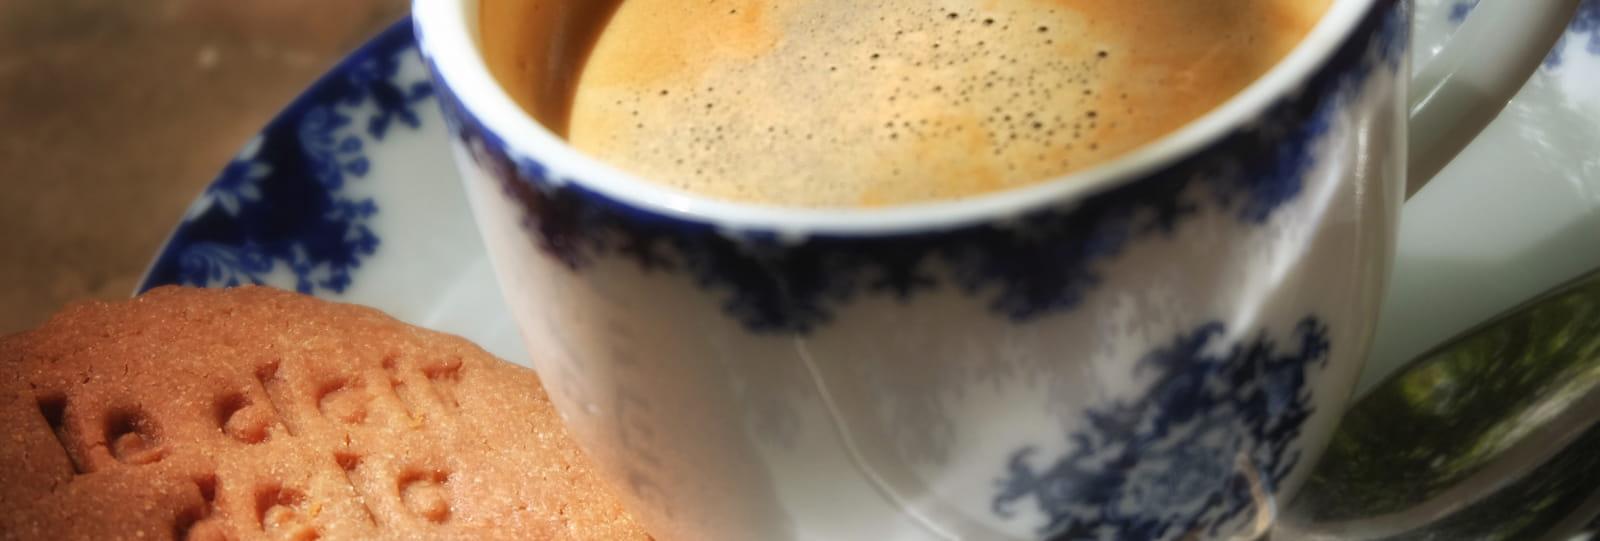 Café - Salon de Thé - Le Clair de la Plume